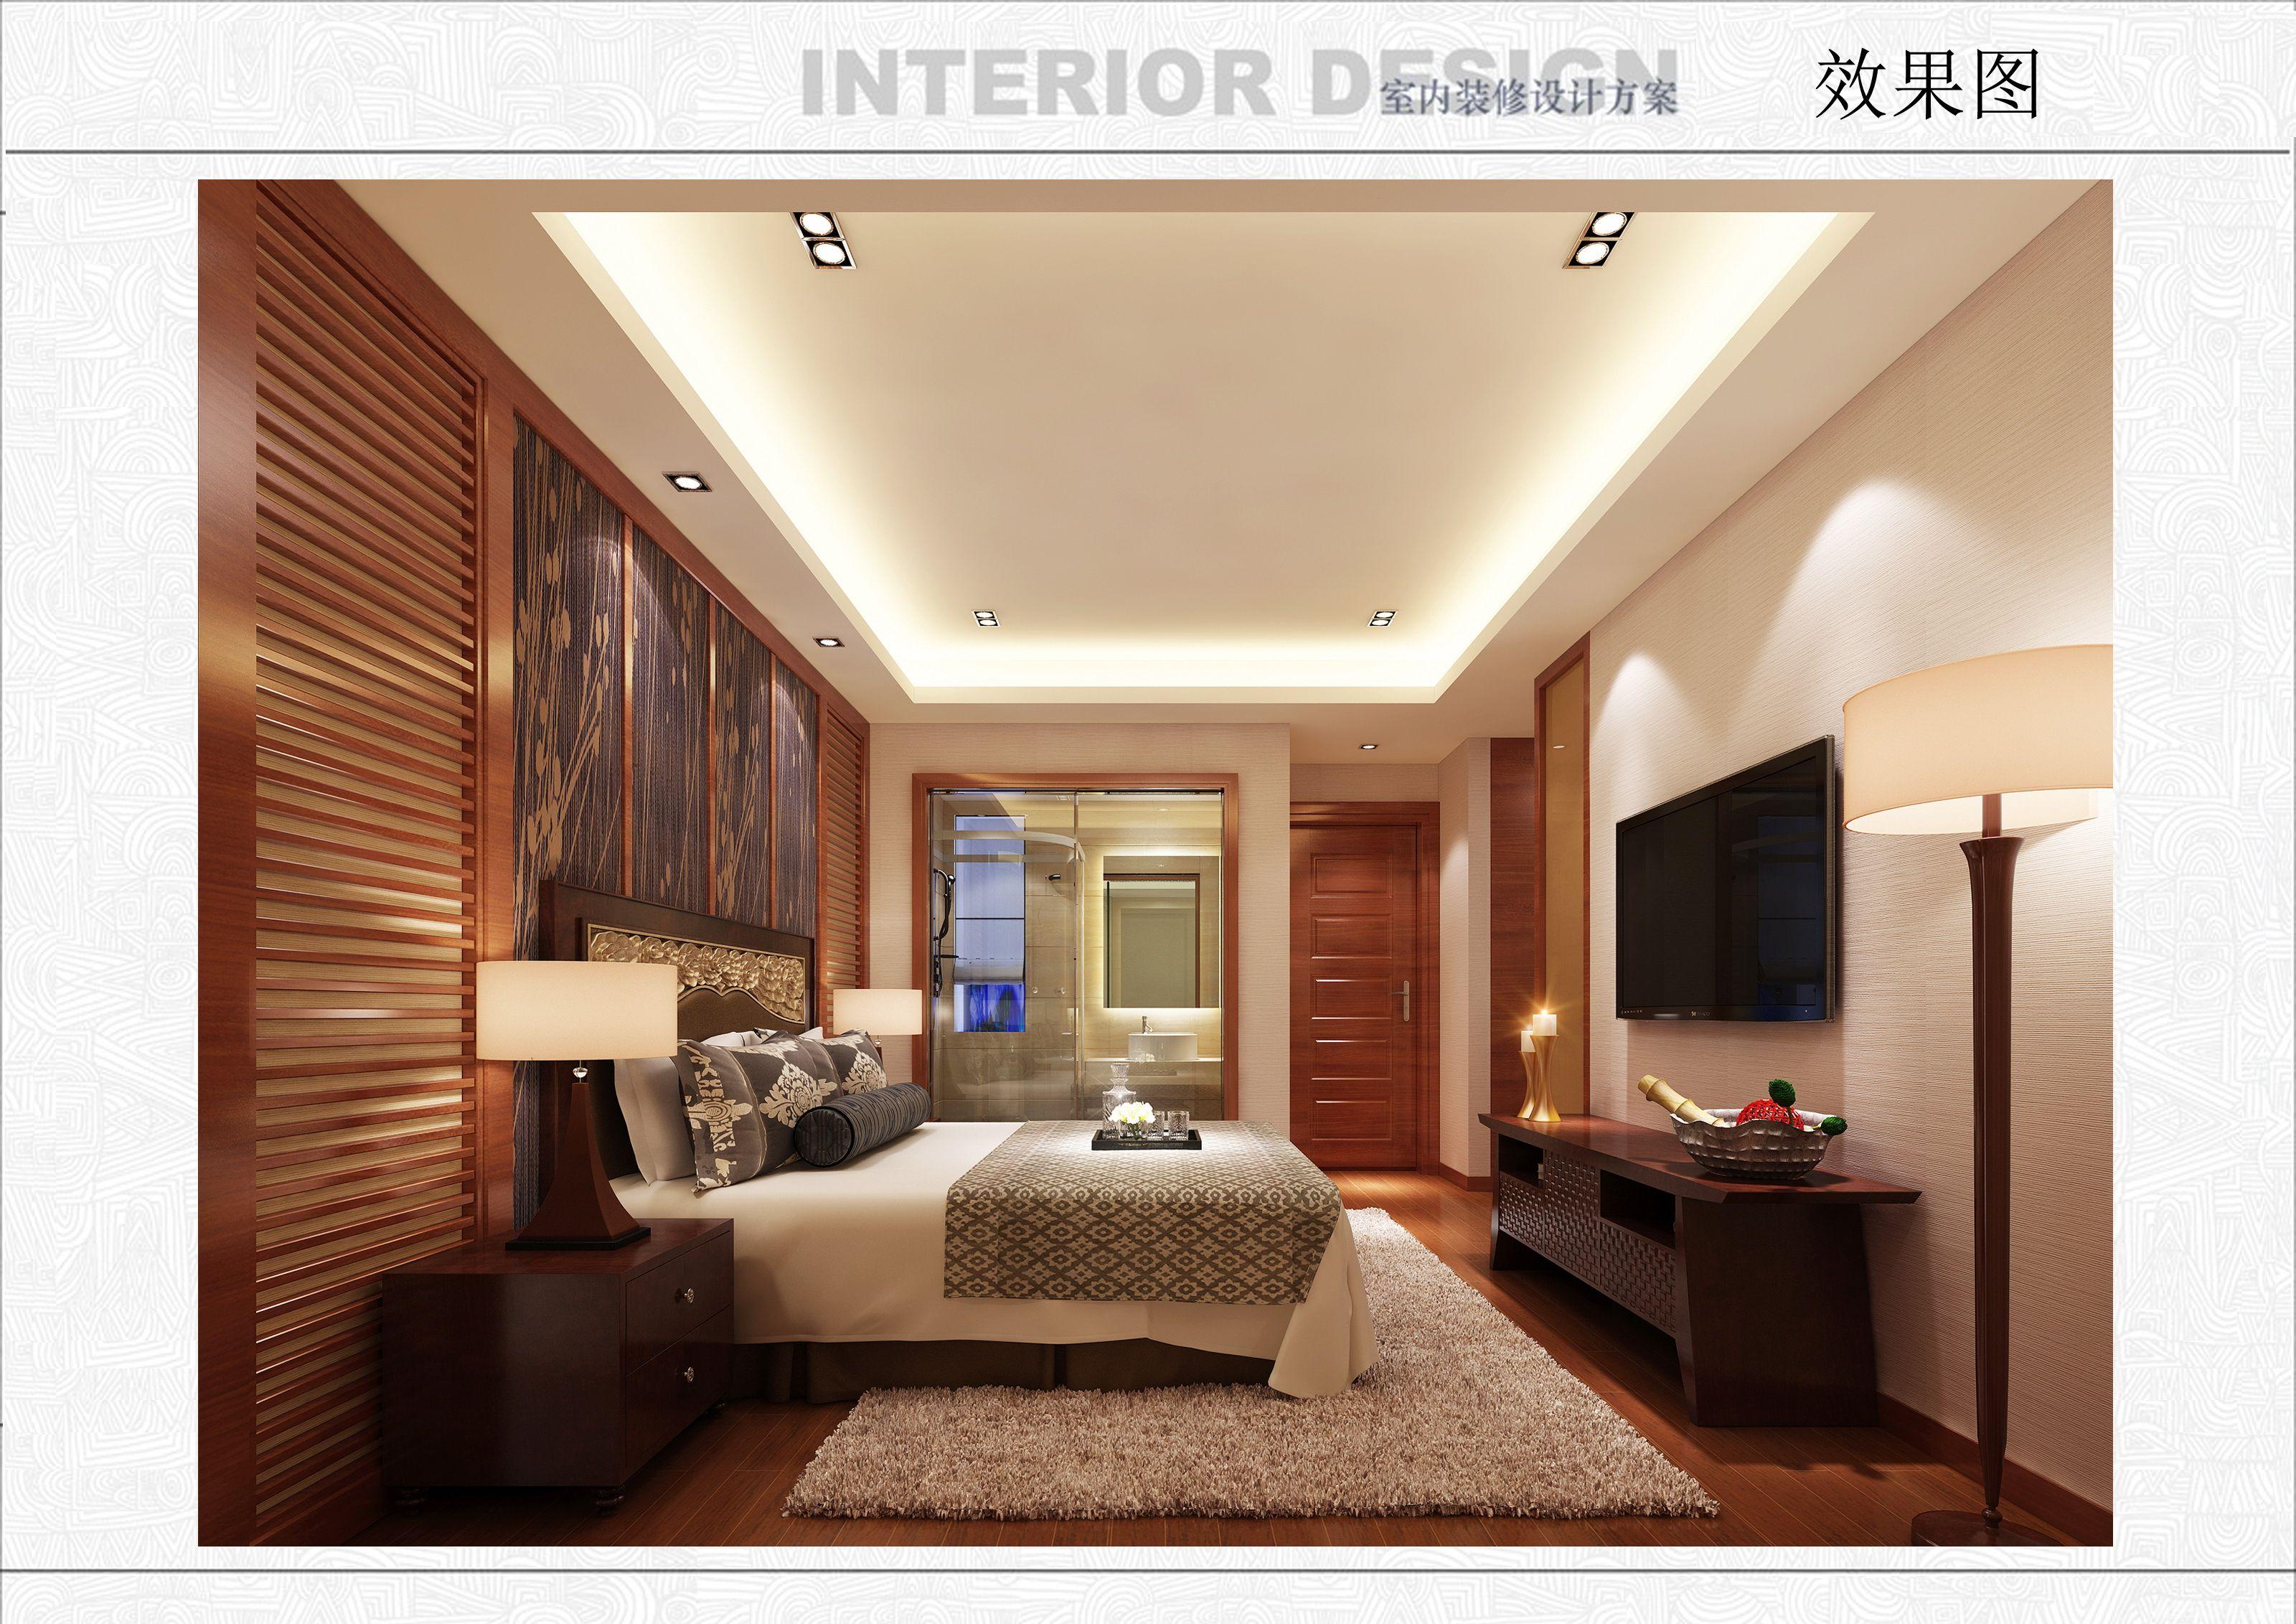 中建华府样板房室内装饰设计